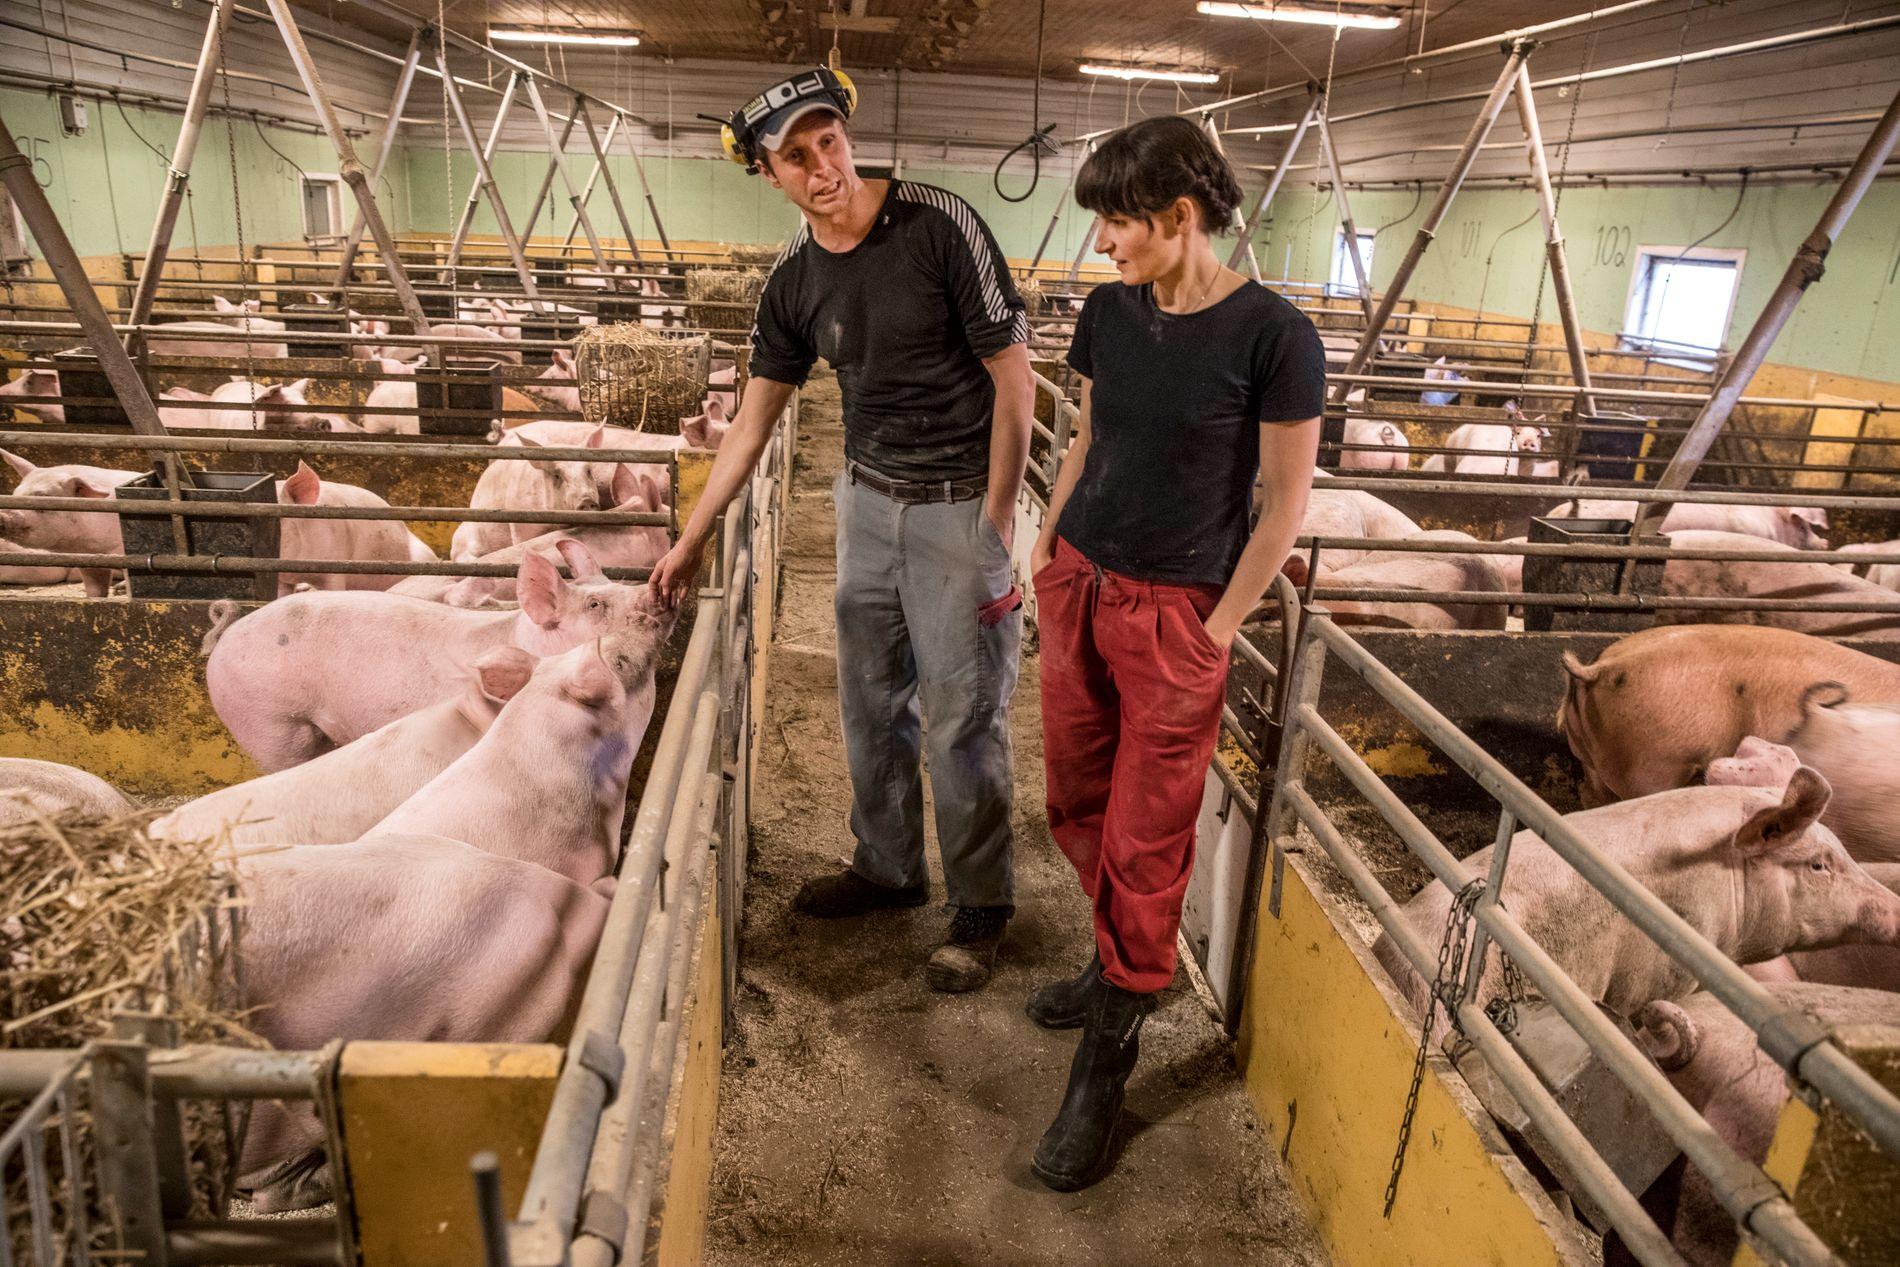 TOPPUTØVERE: Med over 600 griser på gården, er Maria og Arne Elias Østerås opptatt av å se hver enkelt gris.